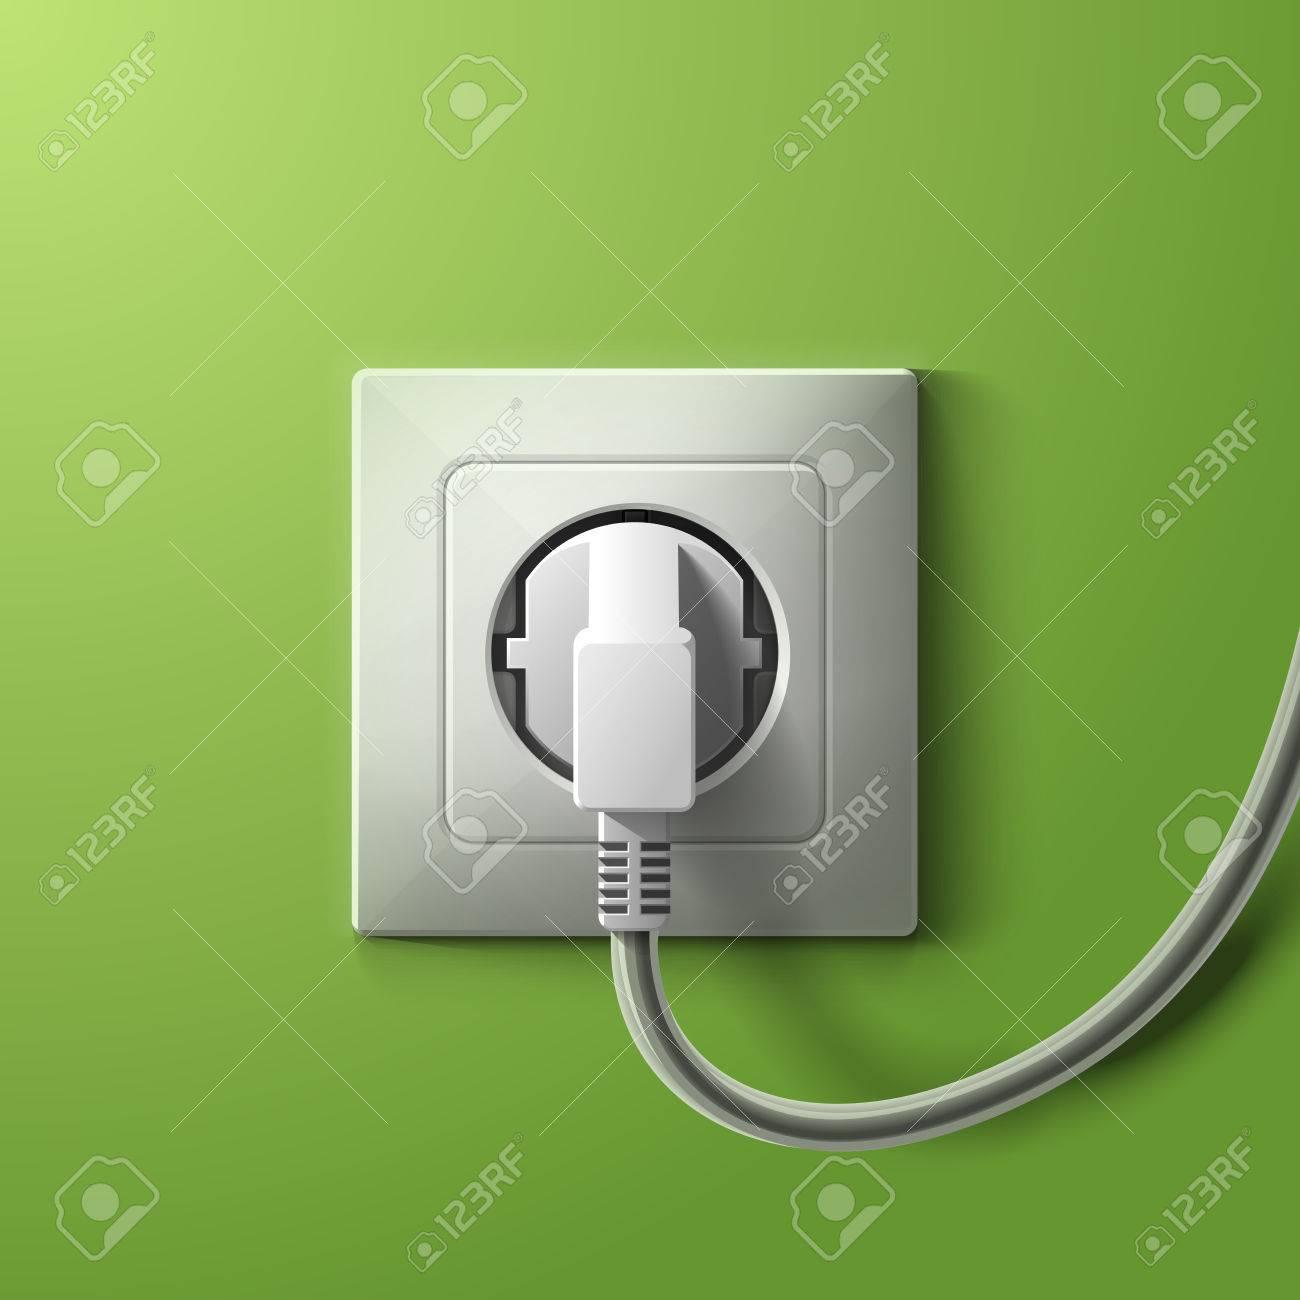 Großartig Grüne Weiße Und Schwarze Elektrische Drähte Zeitgenössisch ...